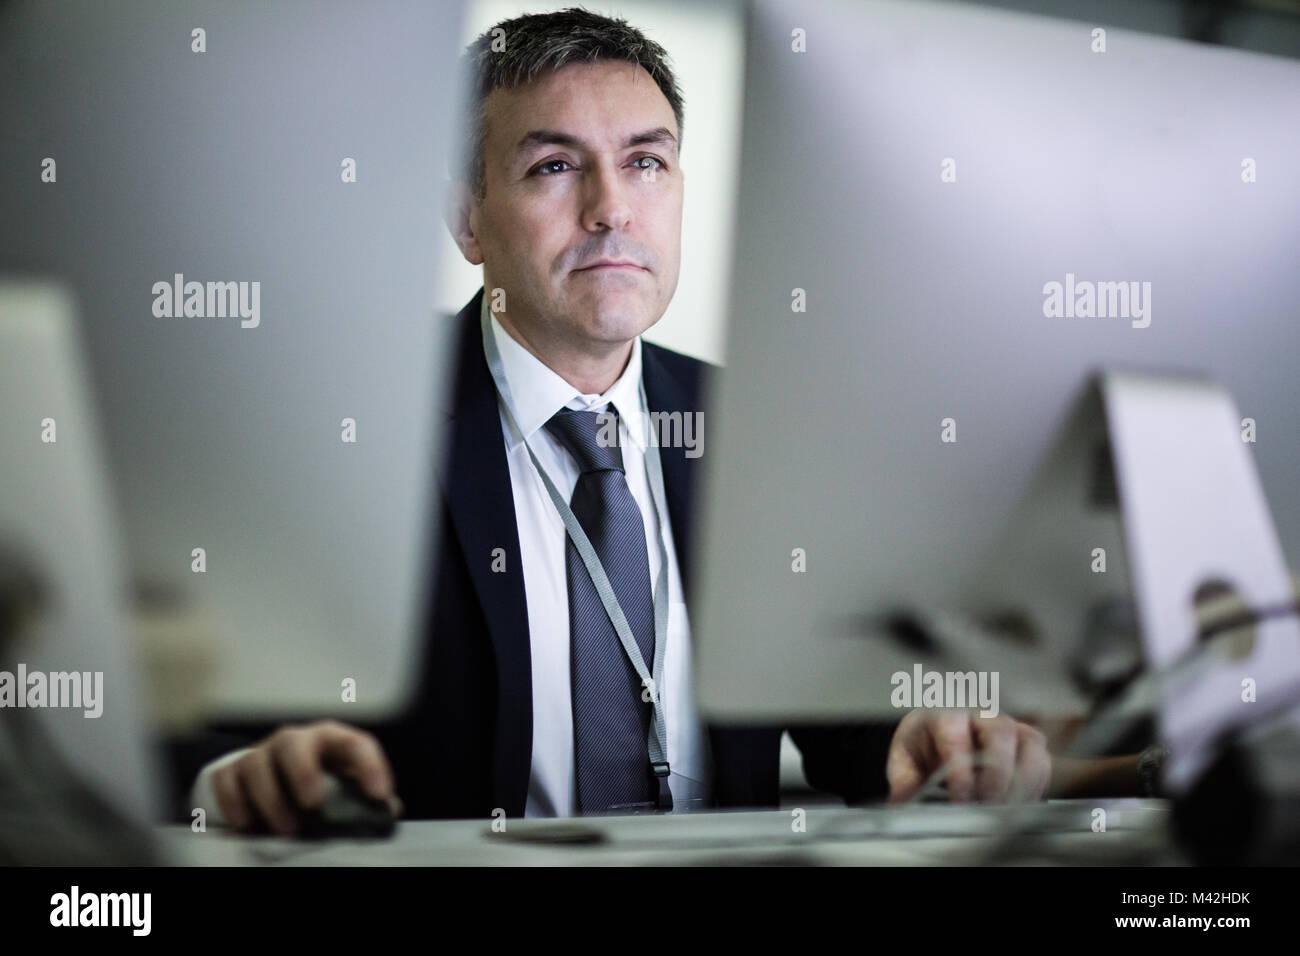 Empresario utilizando el ordenador a altas horas de la noche Imagen De Stock